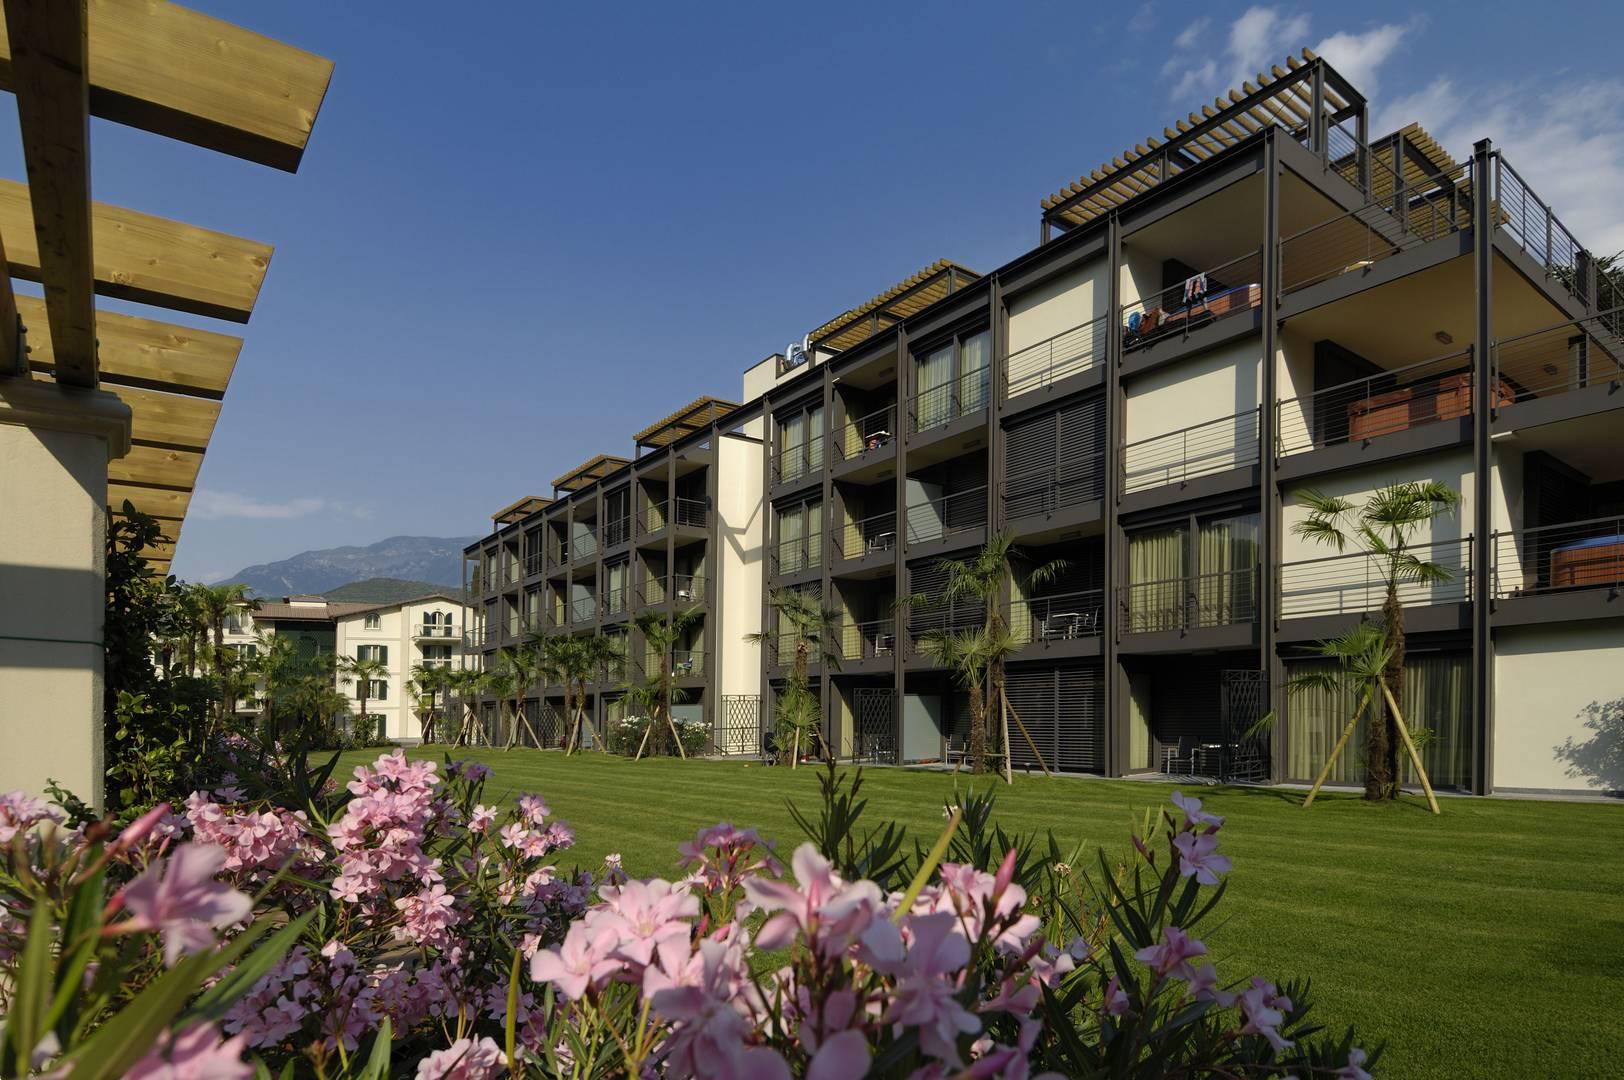 Du lac et du parc grand resort lake garda review gtspirit for Hotel du parc